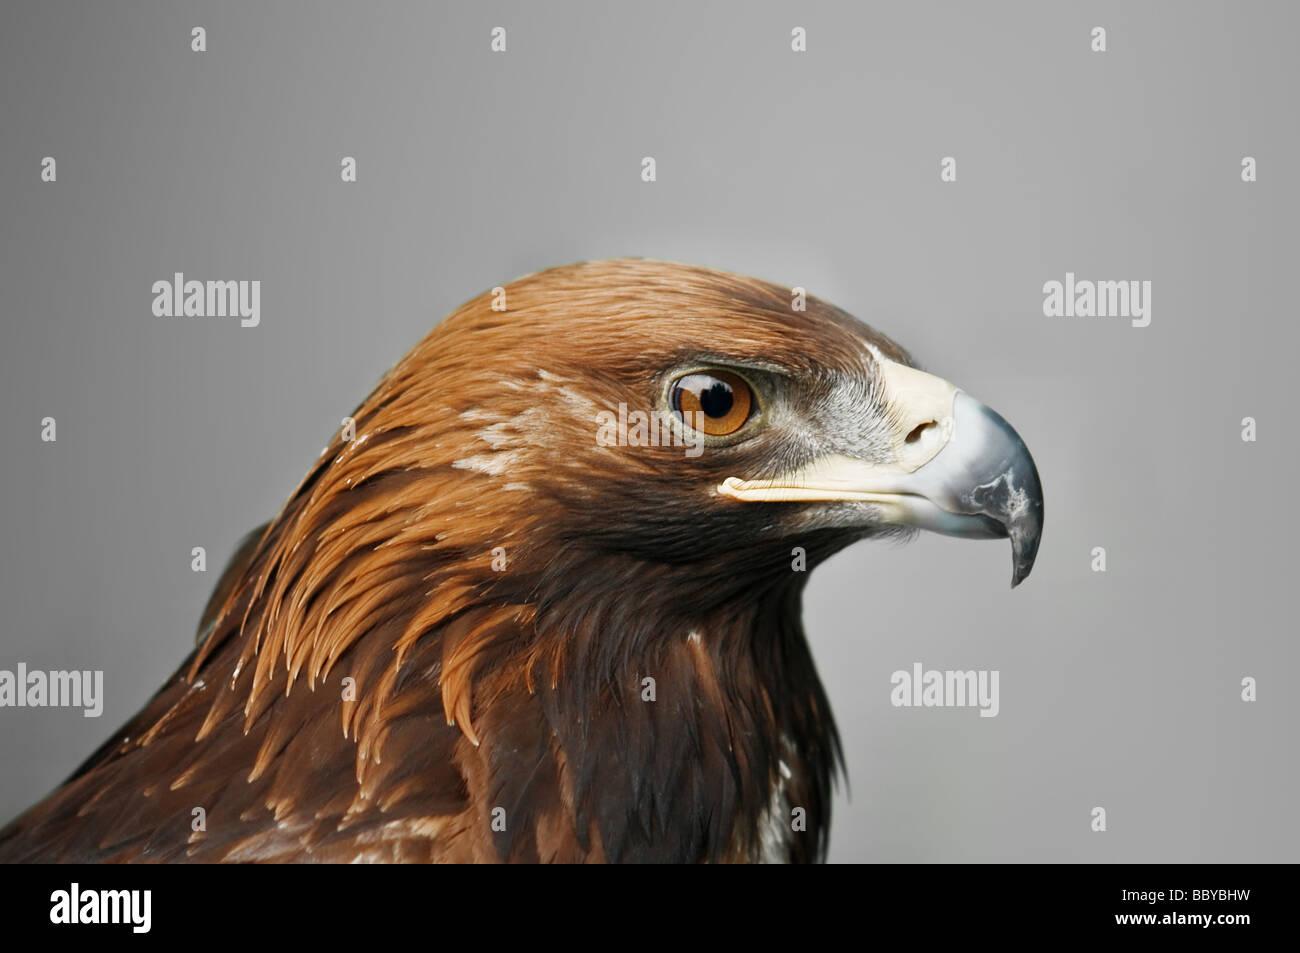 golden eagle isolated on grey background - Stock Image